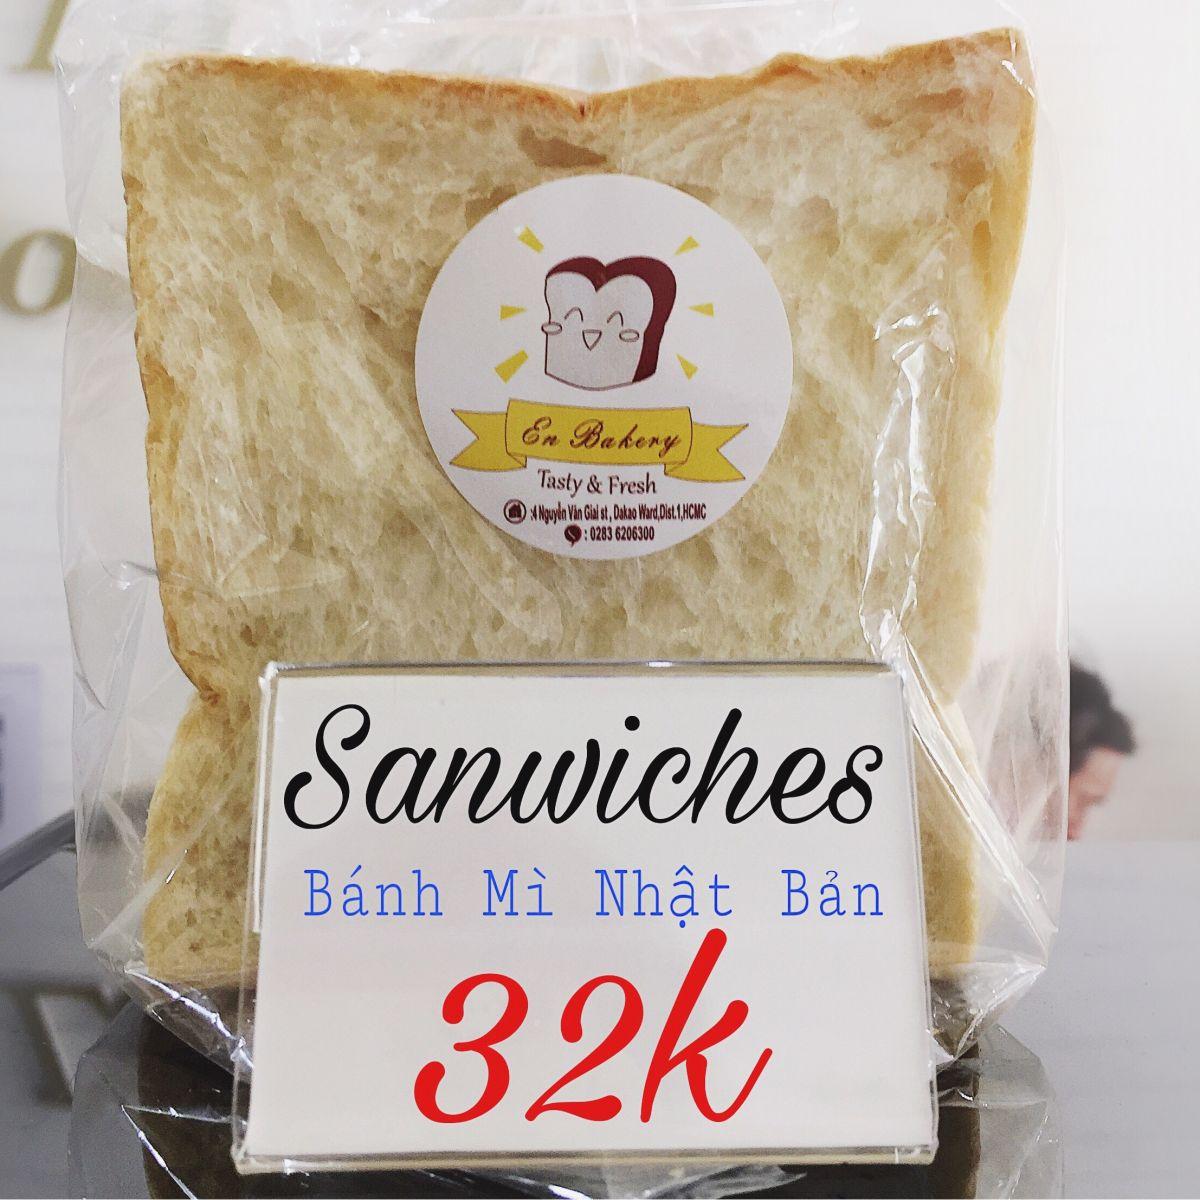 Bánh mì Nhật Bản